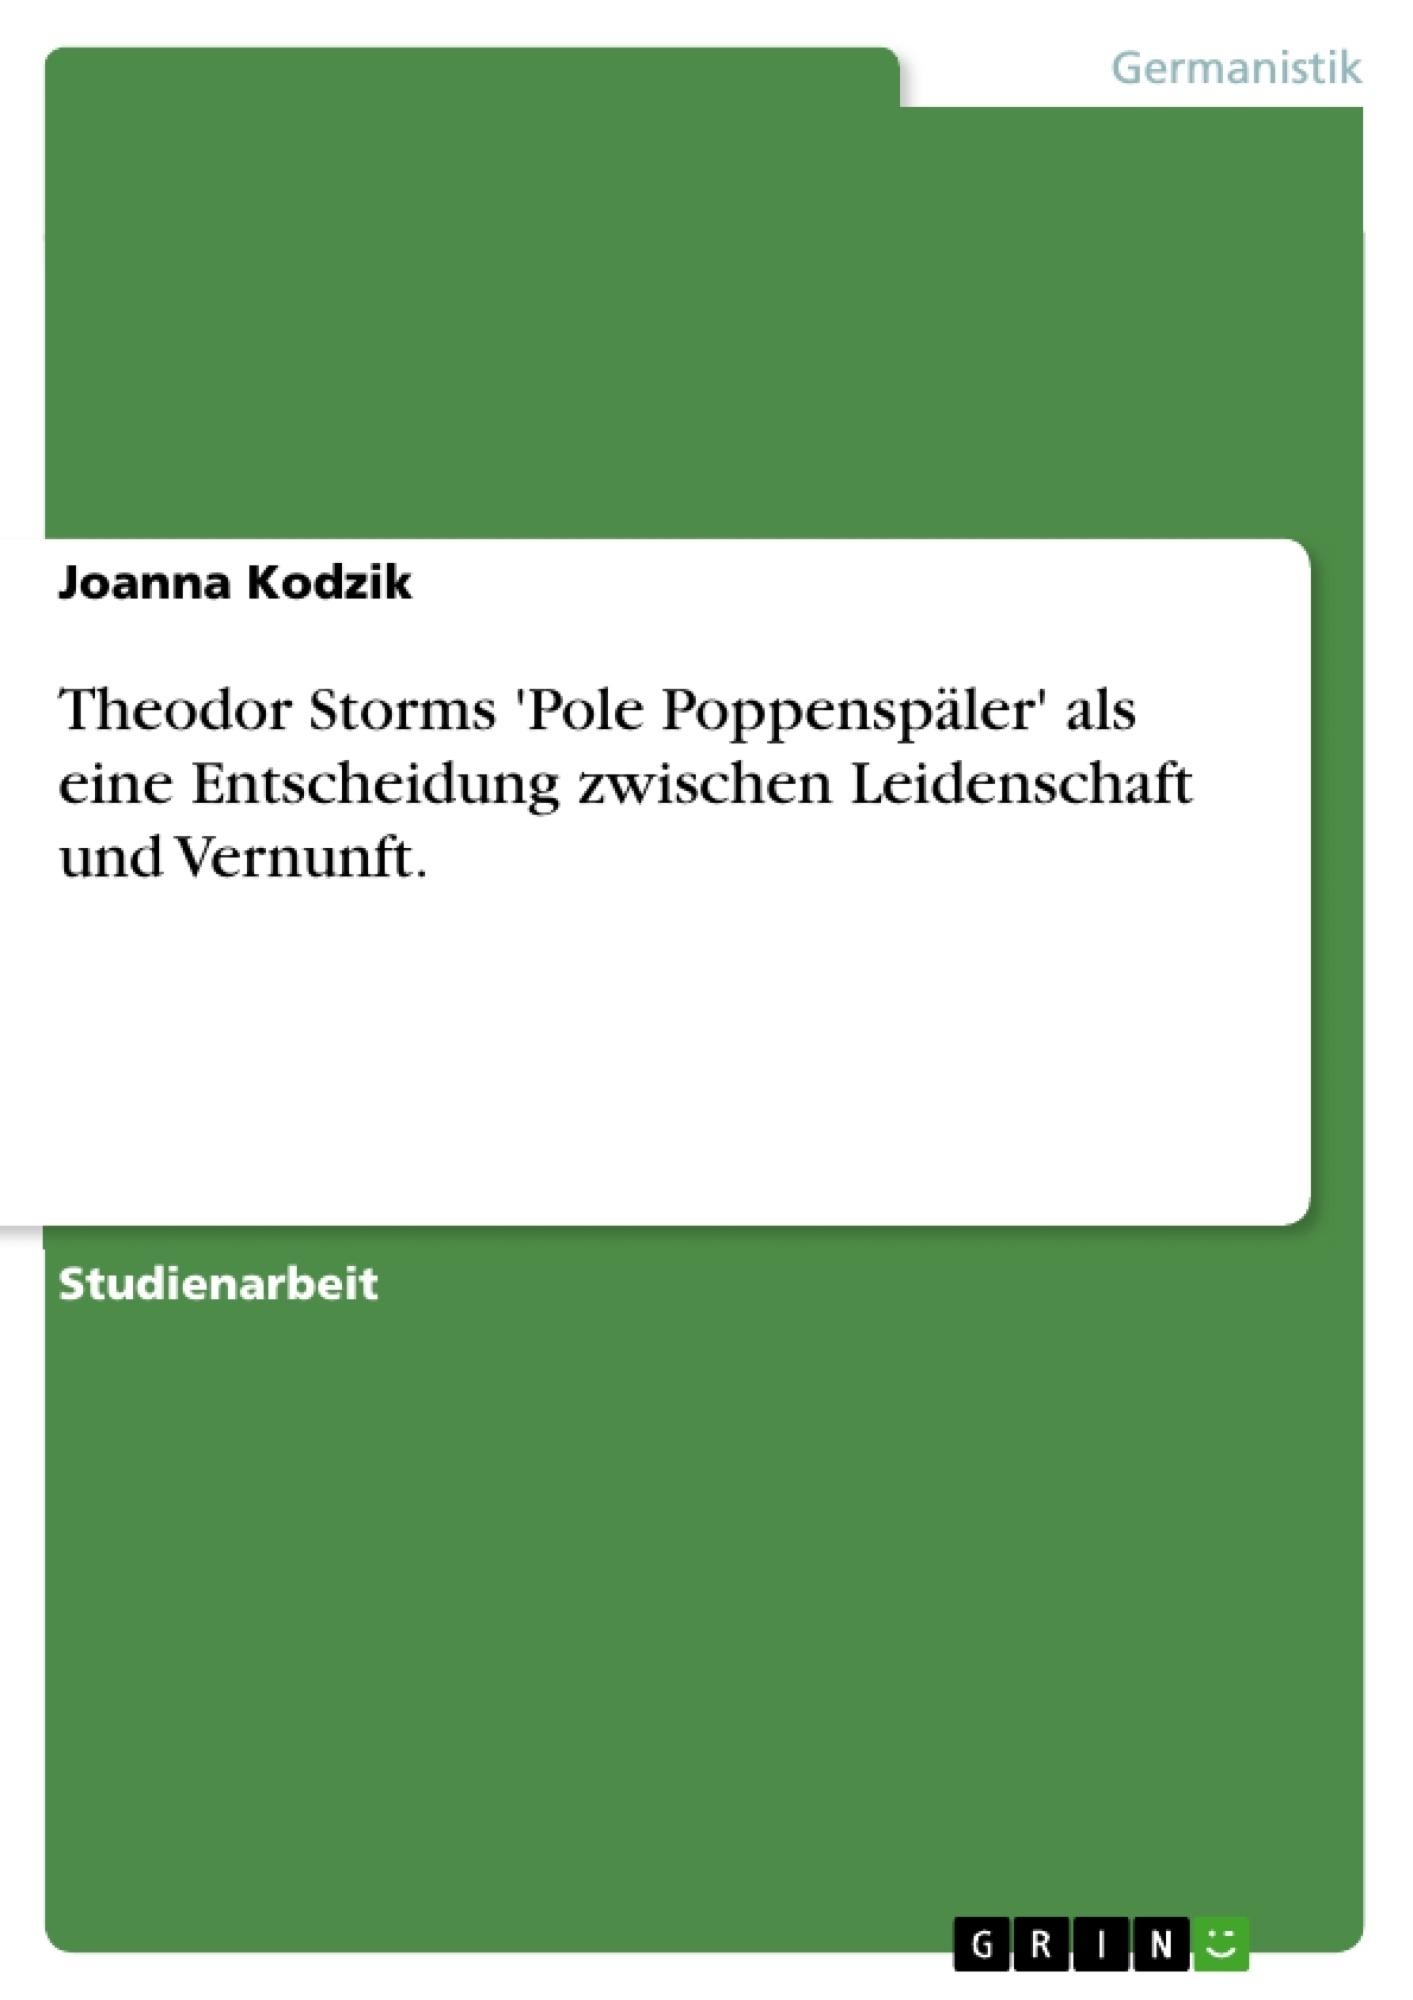 Titel: Theodor Storms 'Pole Poppenspäler' als eine Entscheidung zwischen Leidenschaft und Vernunft.